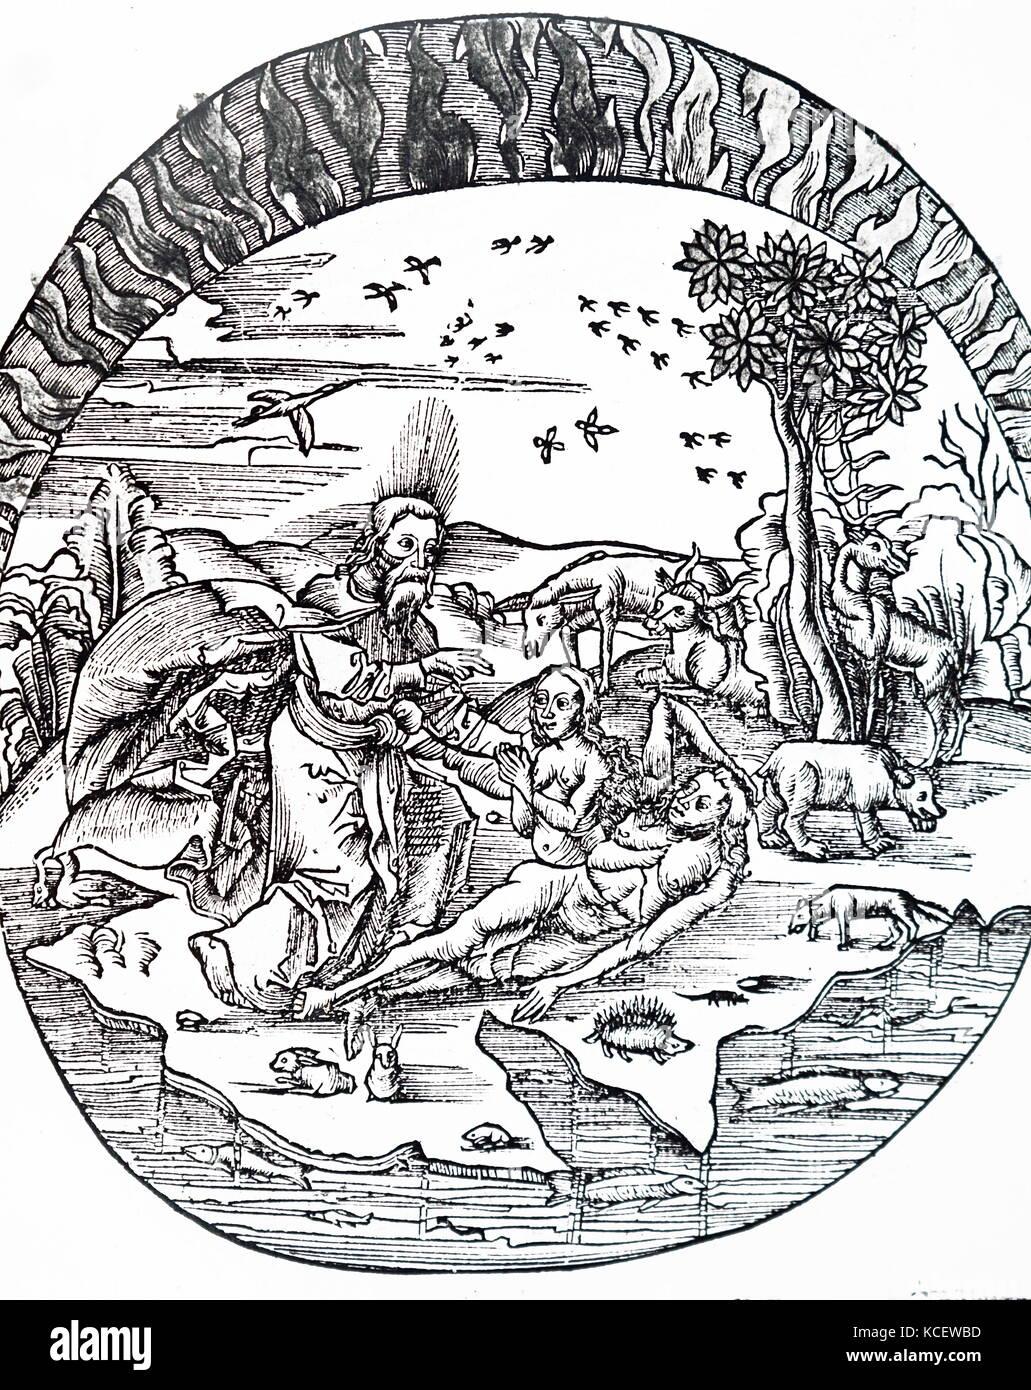 Illustration thales de Milet' concept d'une terre plate flottant au-dessus de l'eau. thales de Milet, Photo Stock